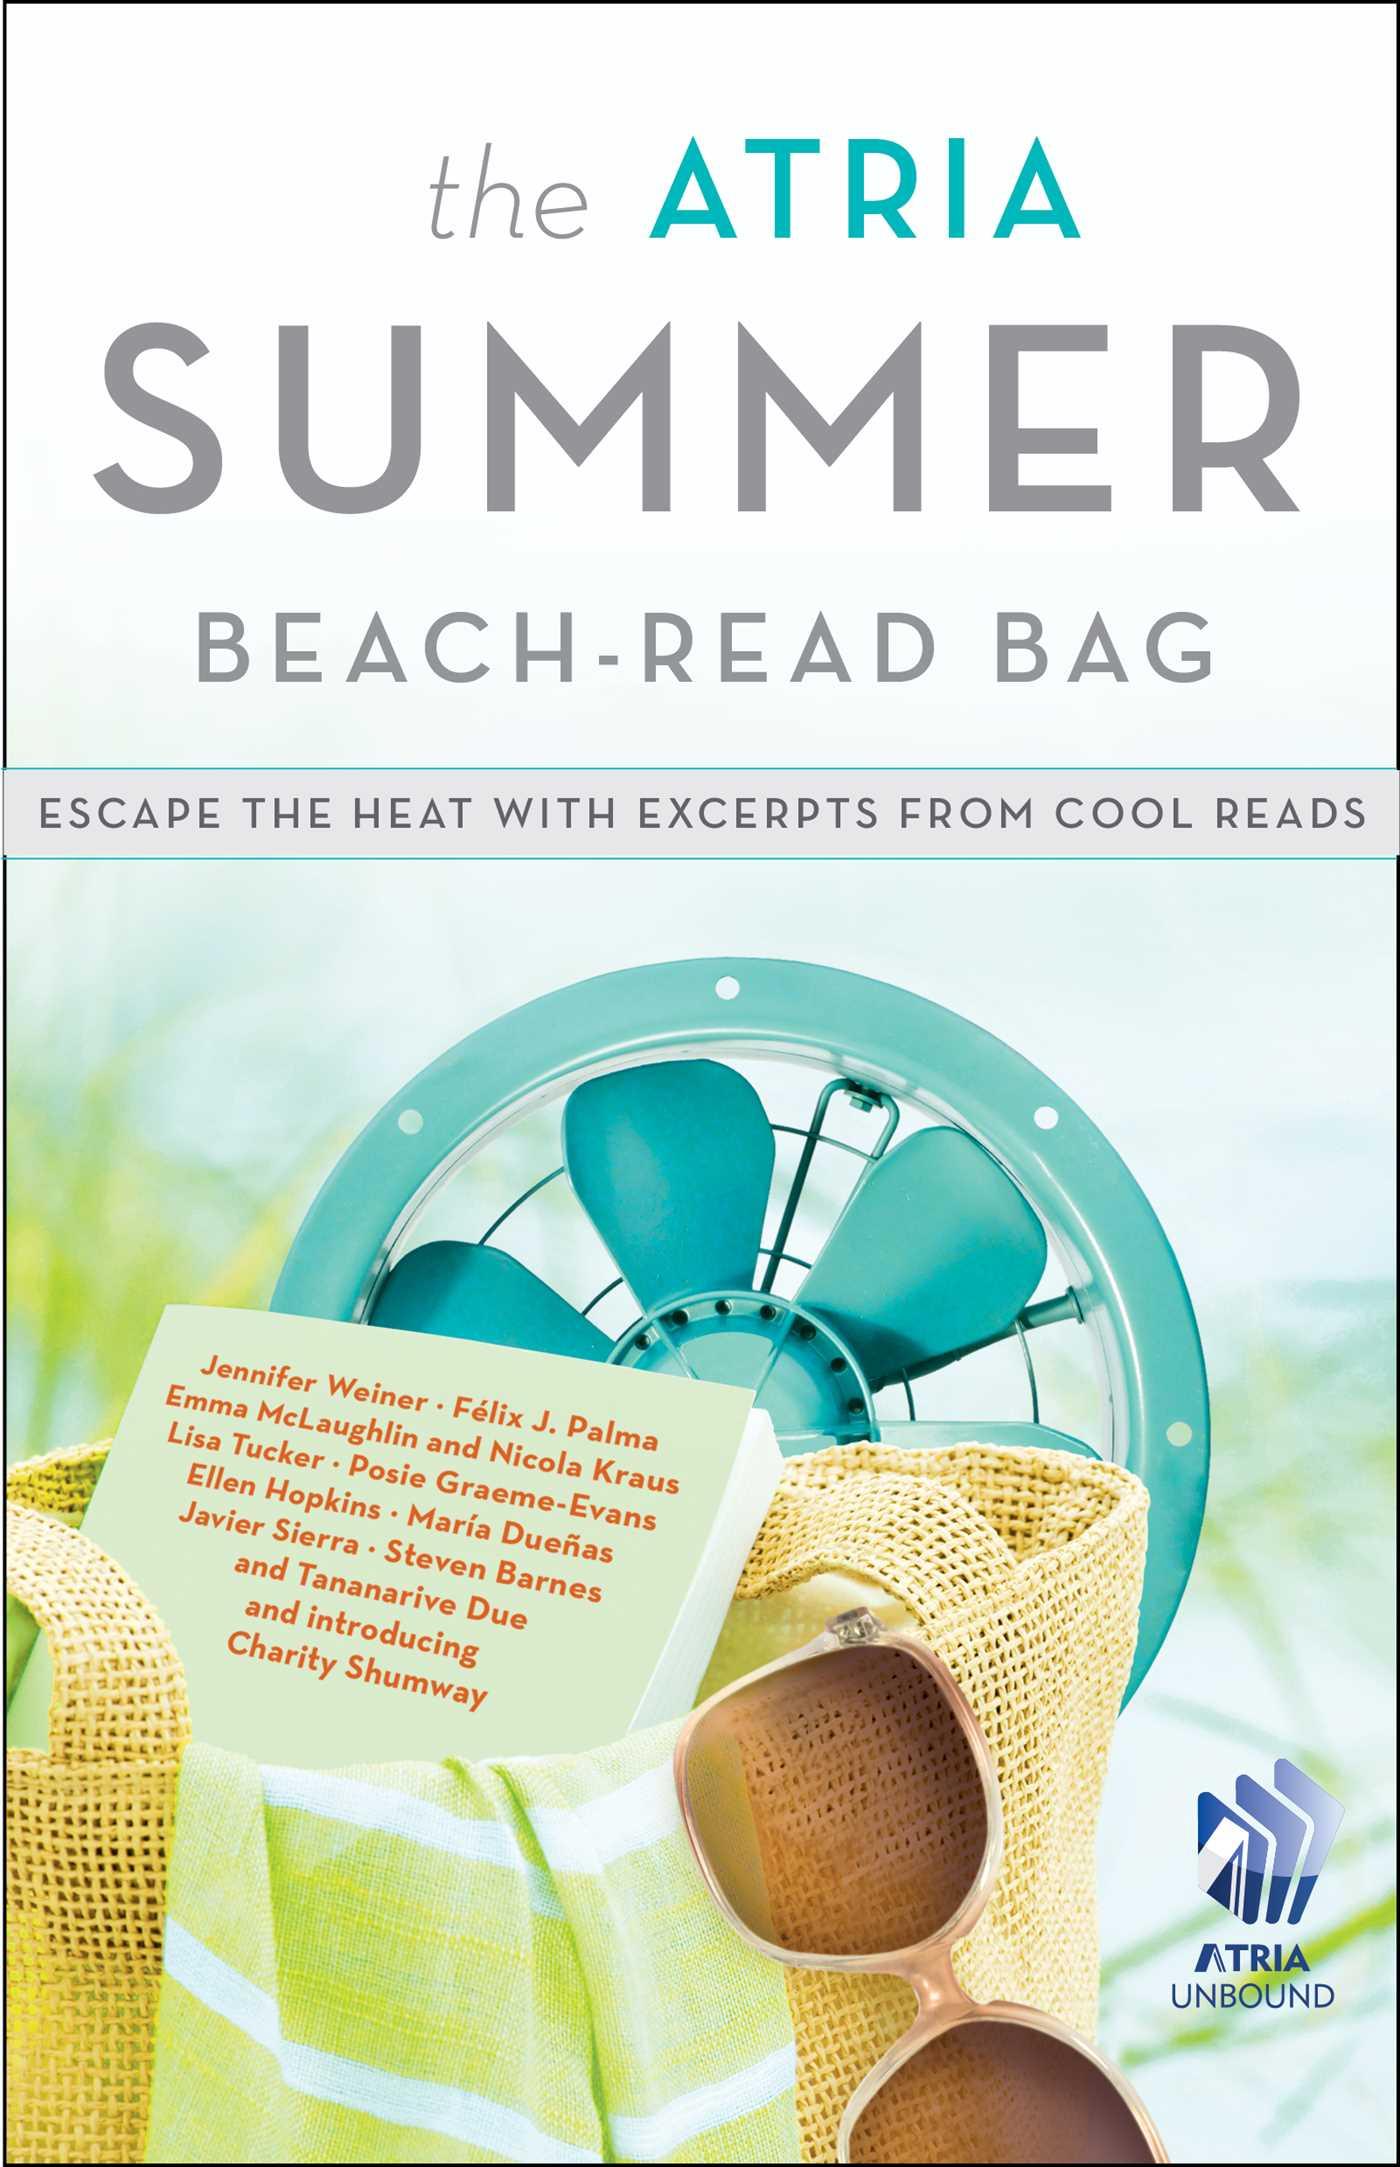 The atria summer 2012 beach read bag 9781476700045 hr